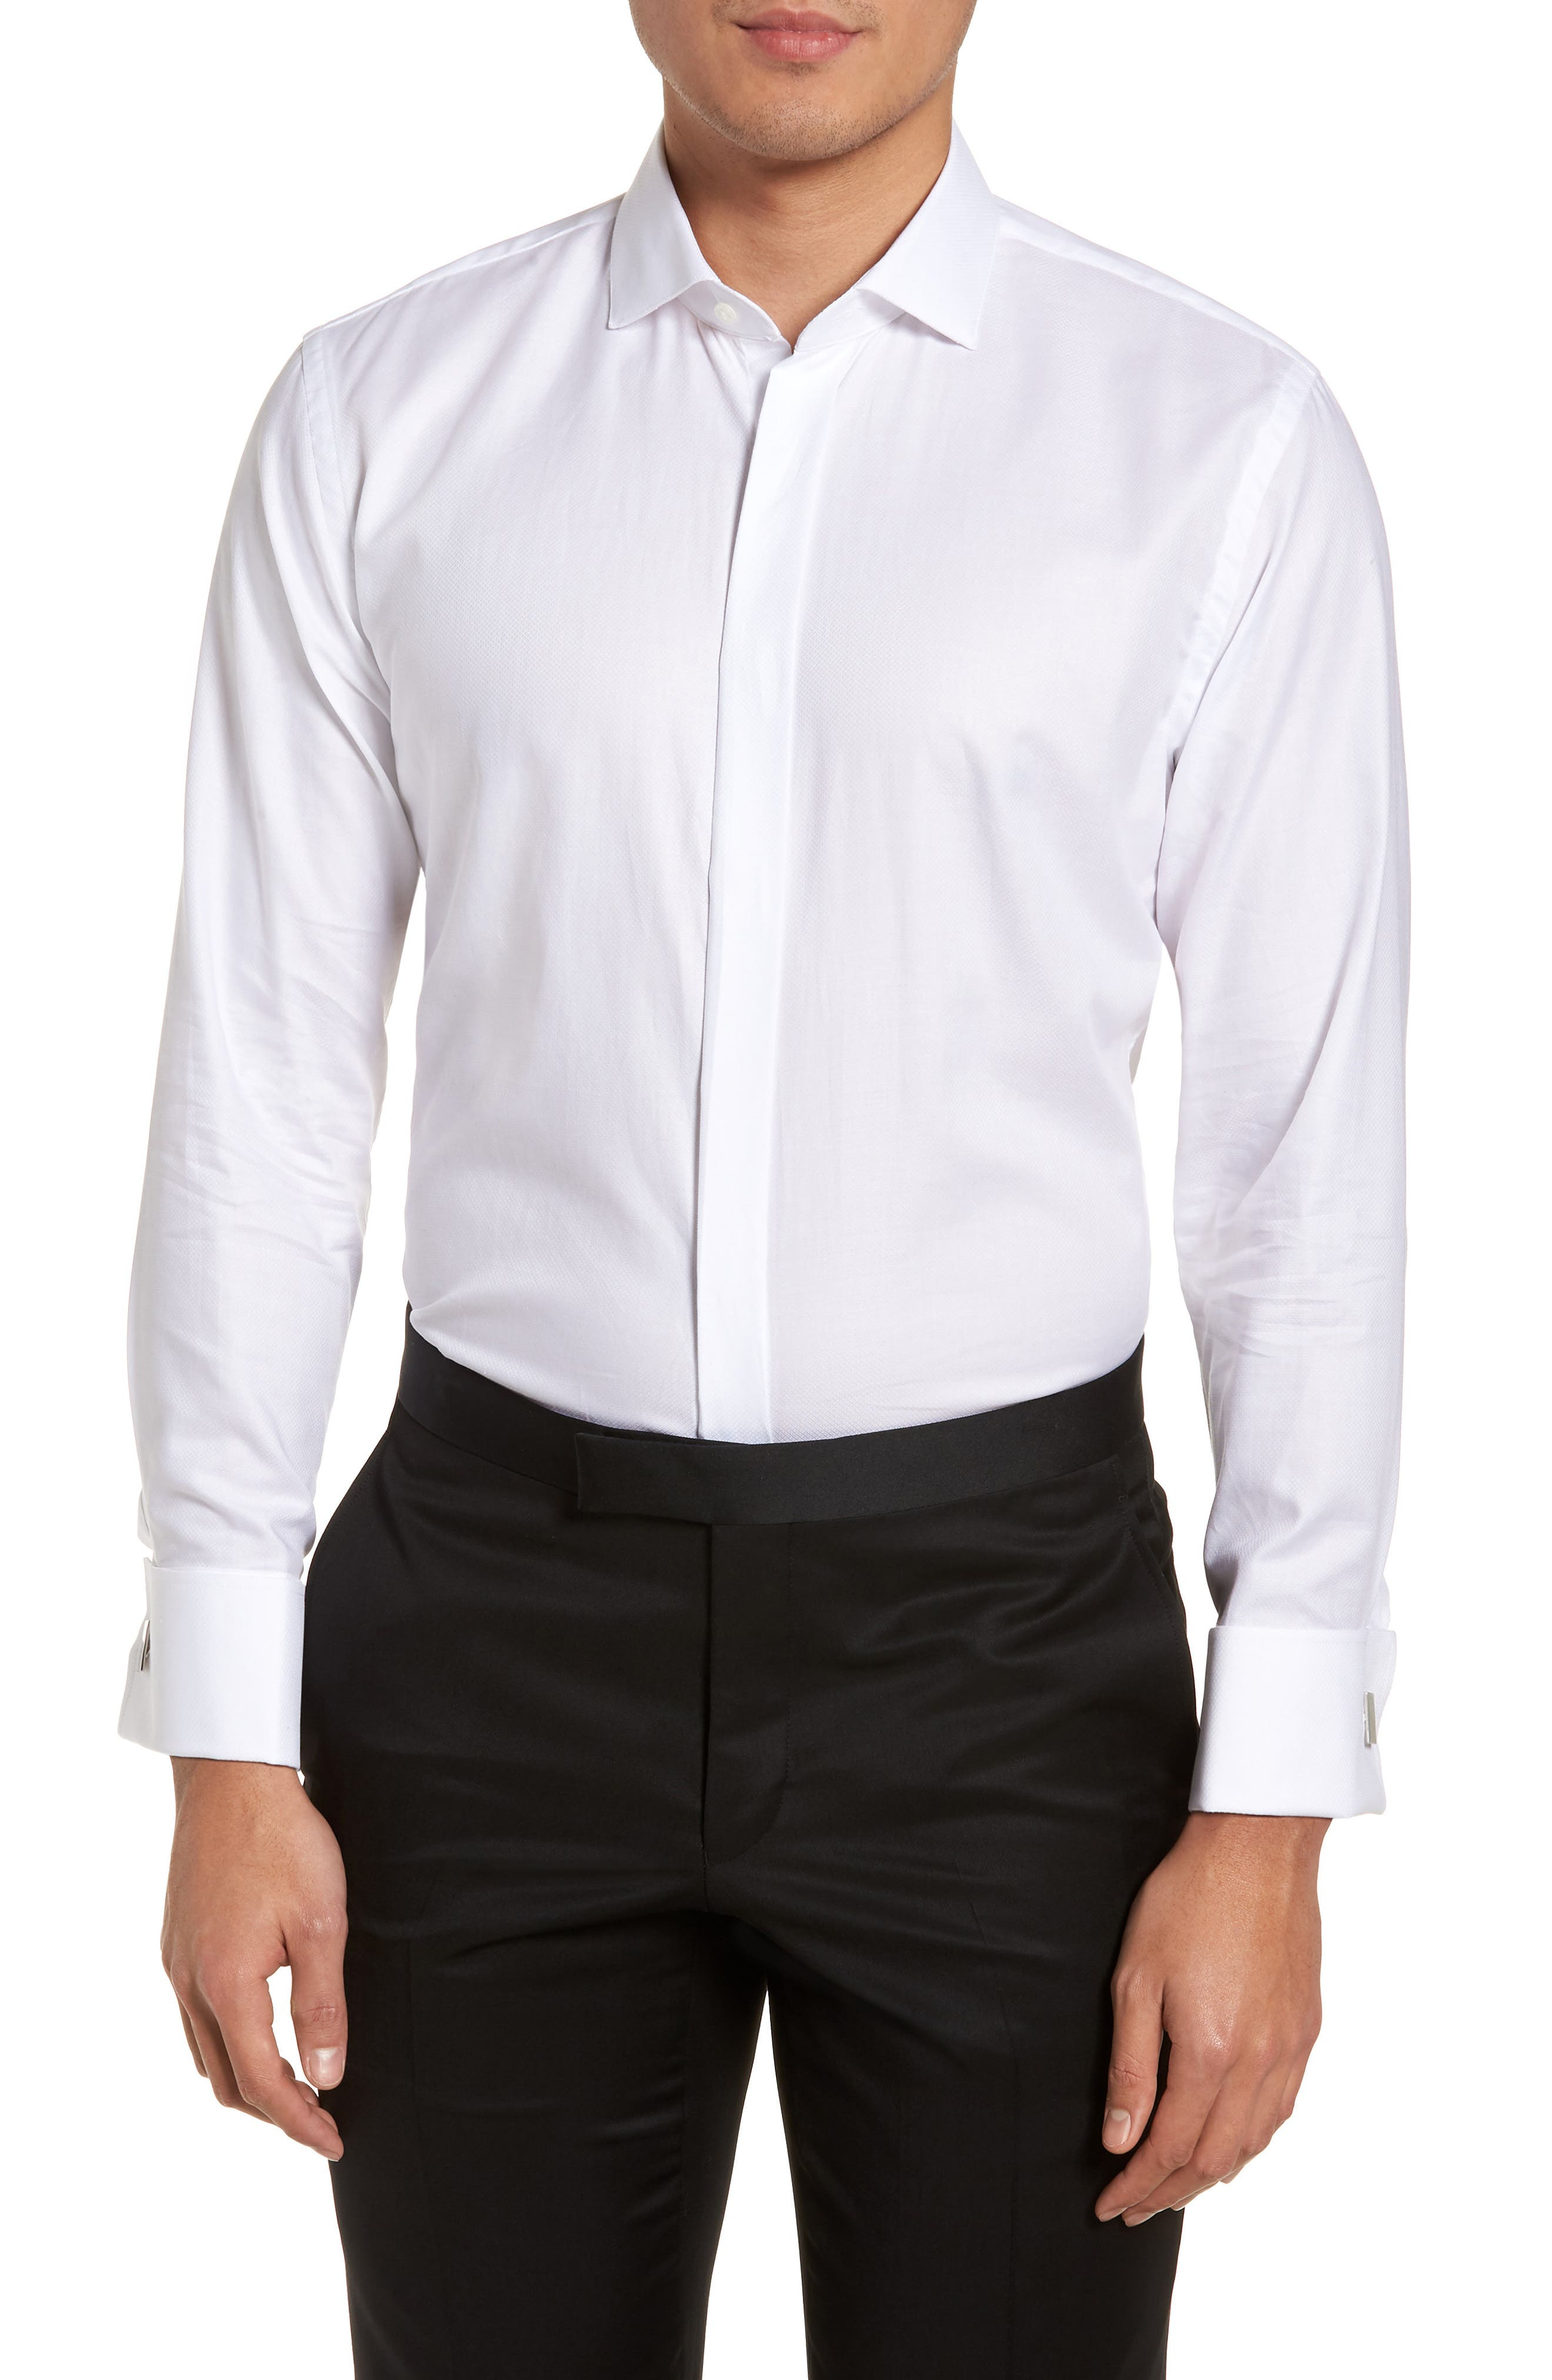 Main Image - Nordstrom Men's Shop Trim Fit Tuxedo Shirt